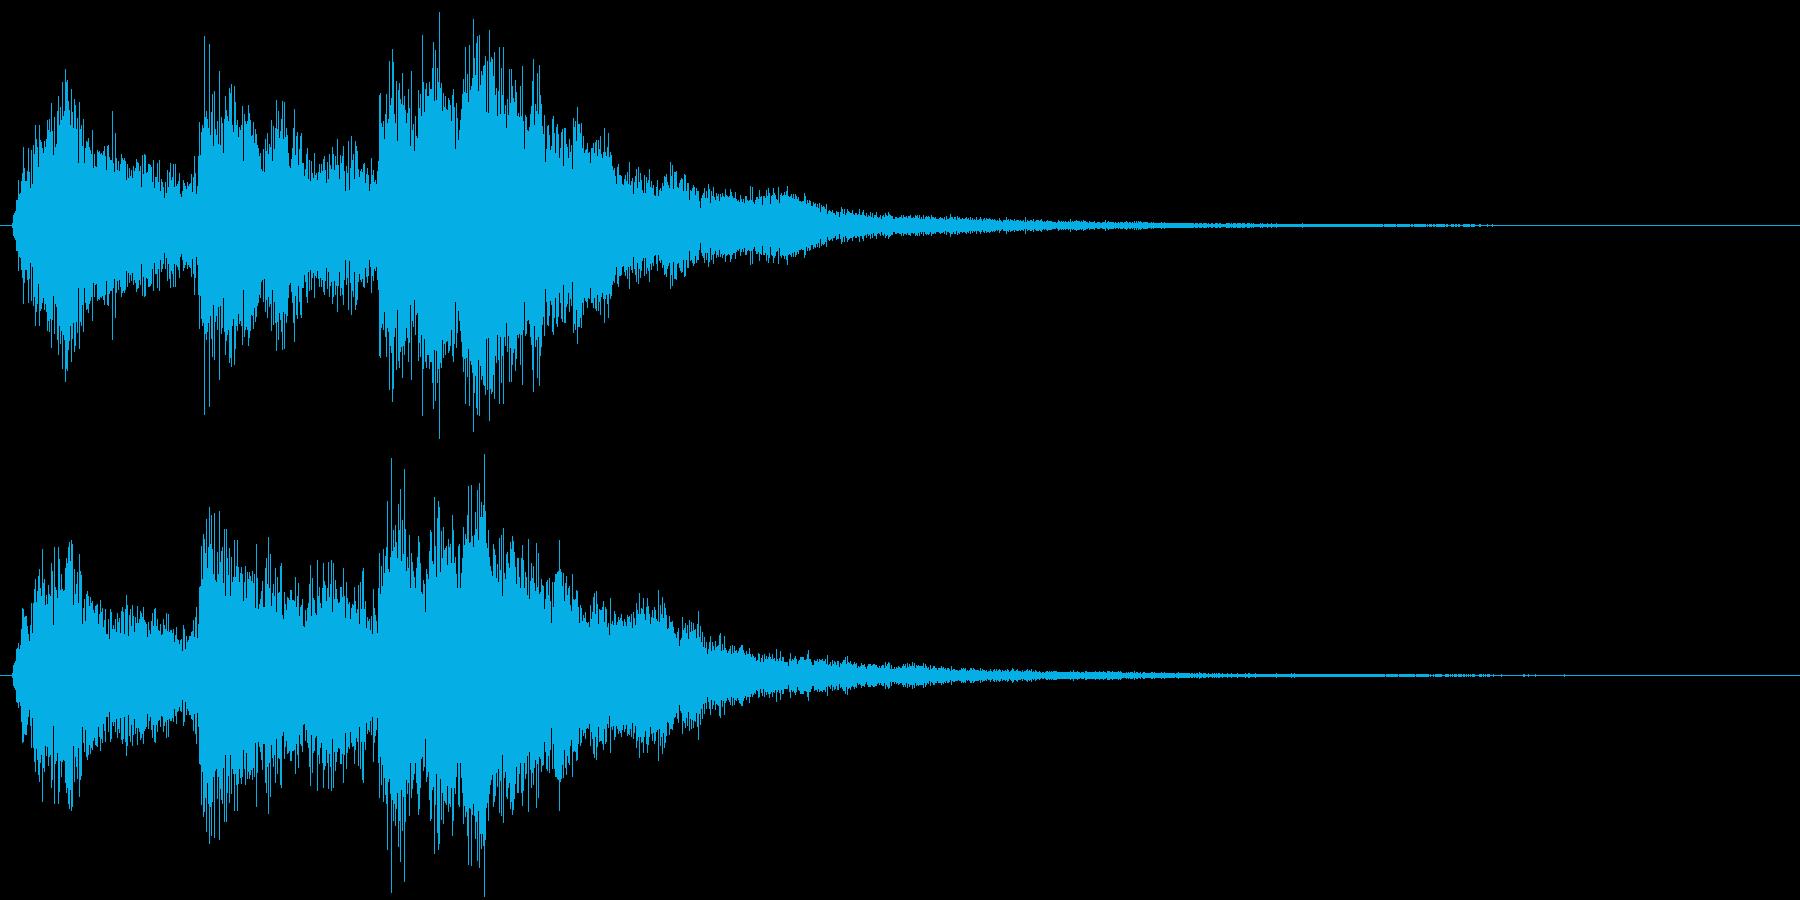 宝箱発見やLvUpをイメージした効果音の再生済みの波形